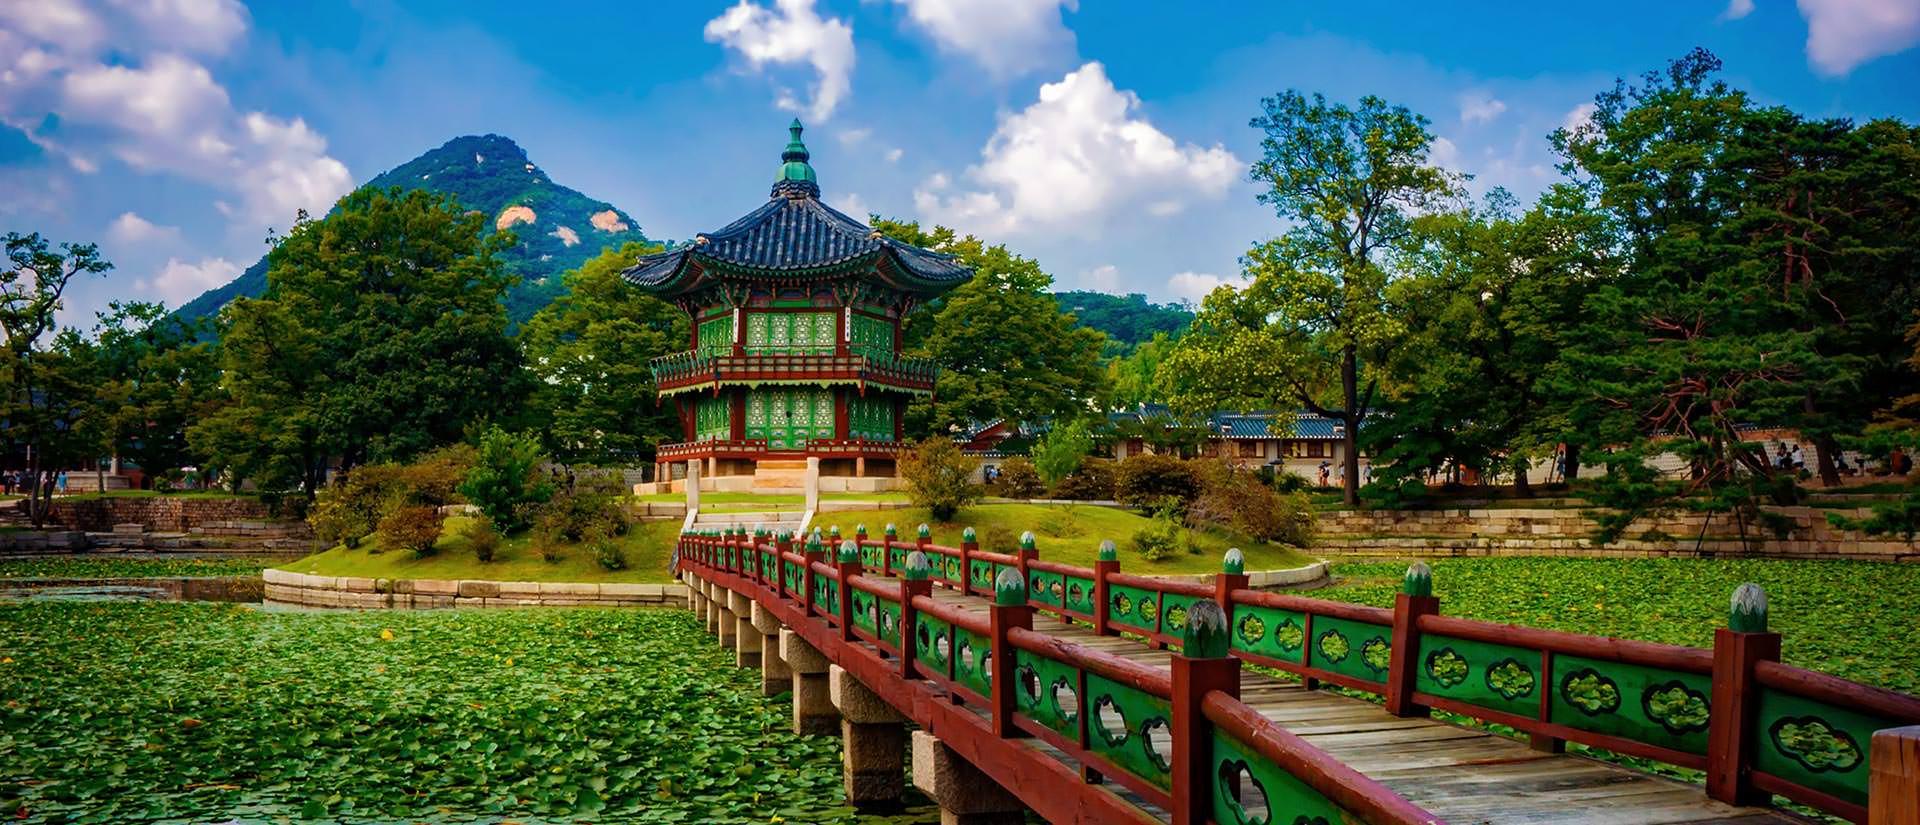 עשרה דברים מעניינים שכדאי לדעת על דרום קוריאה